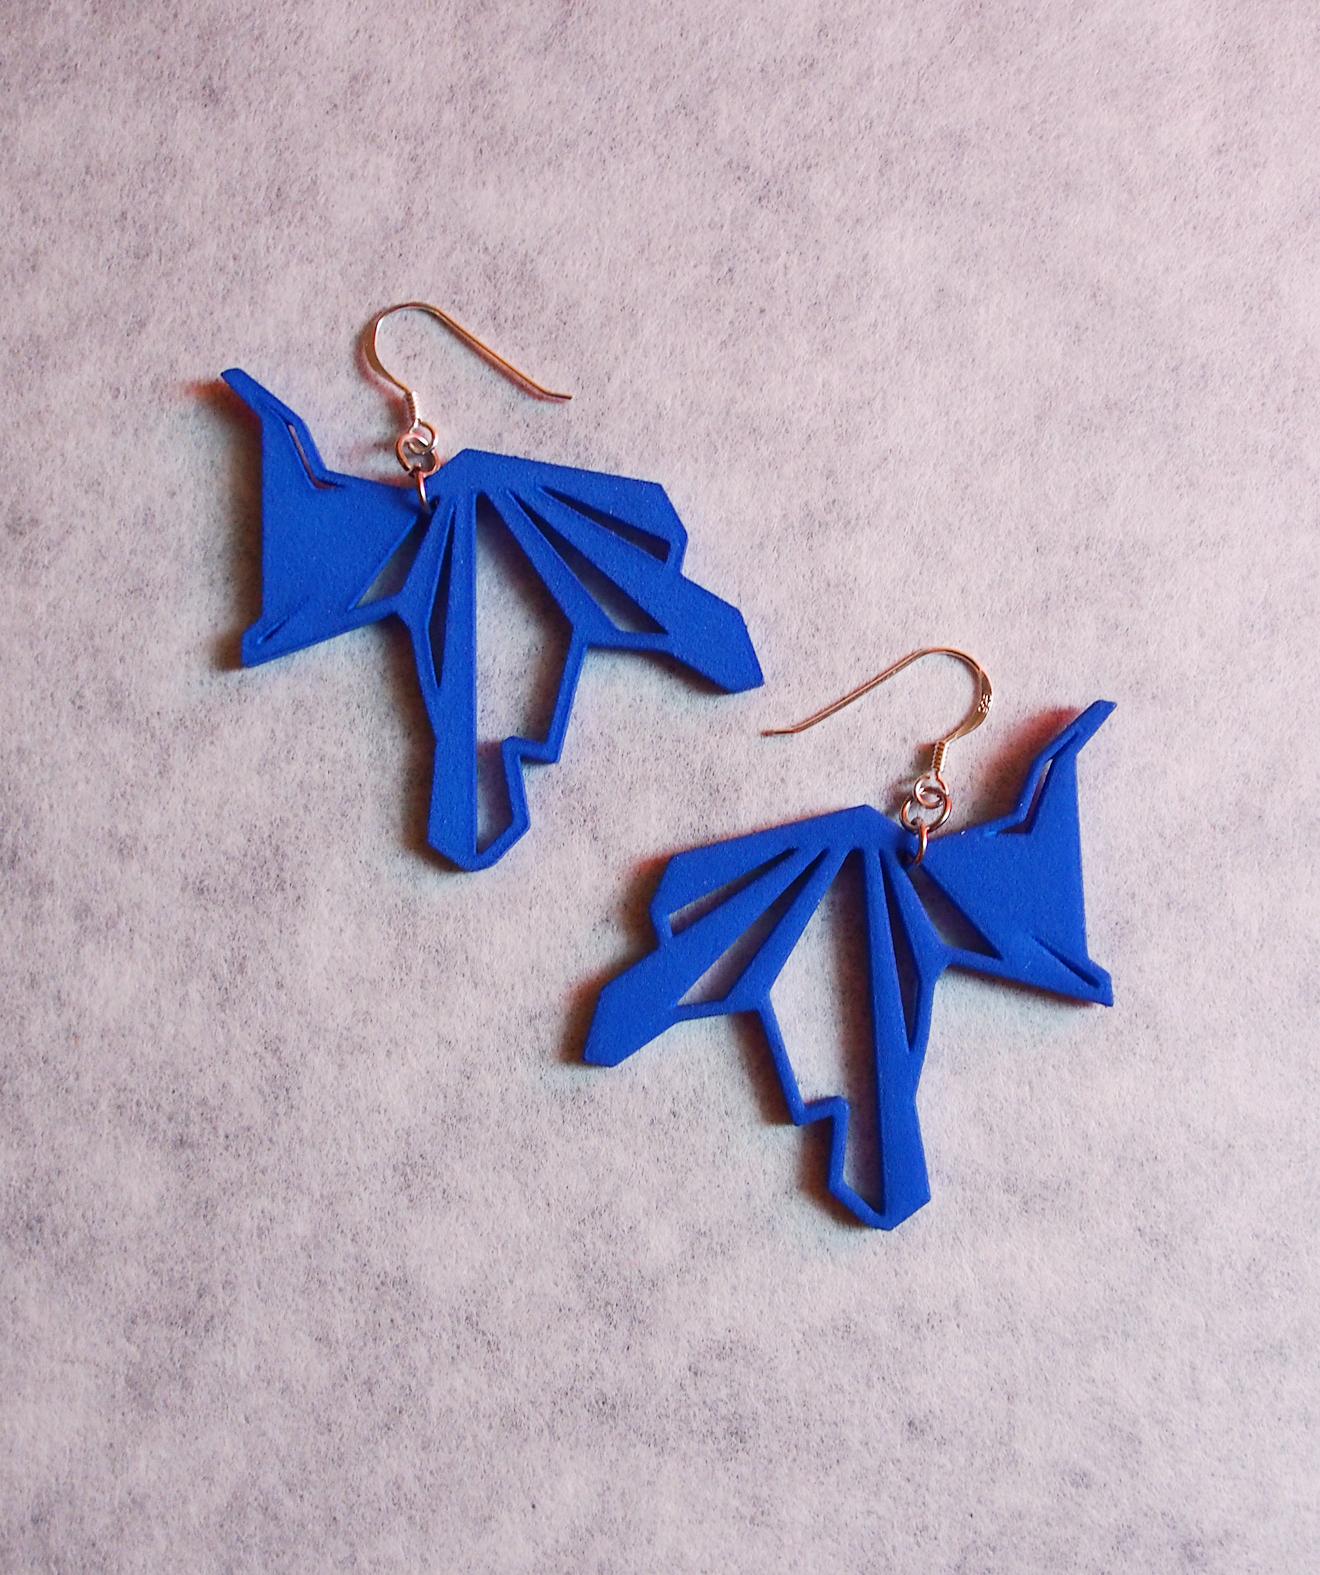 Fragmented_earrings_01_blue_small.jpg